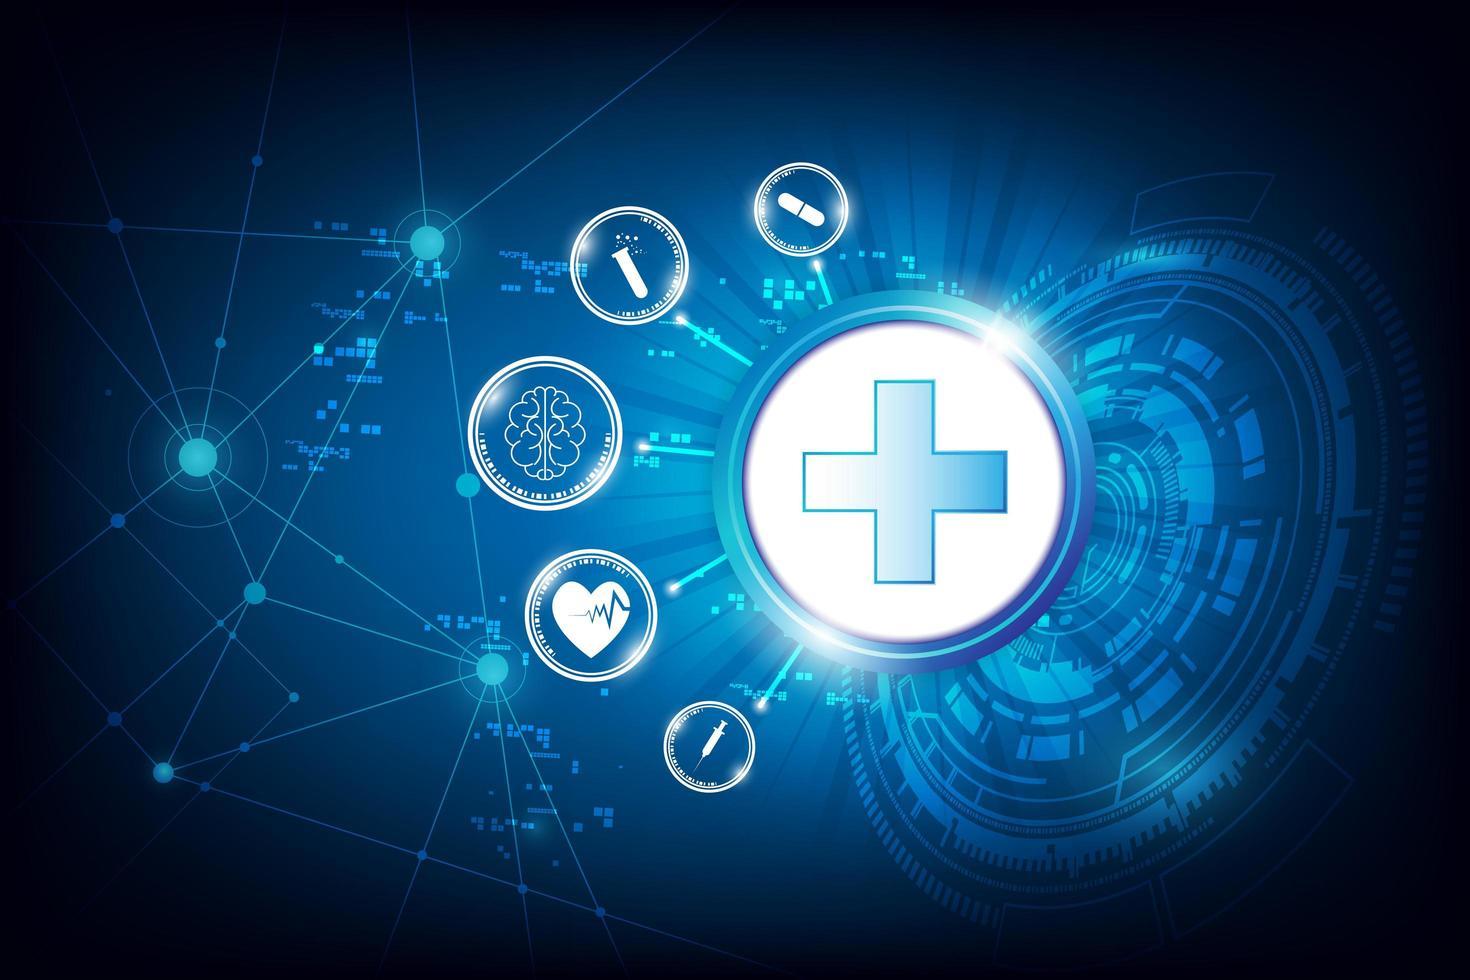 Circular health care technology design vector